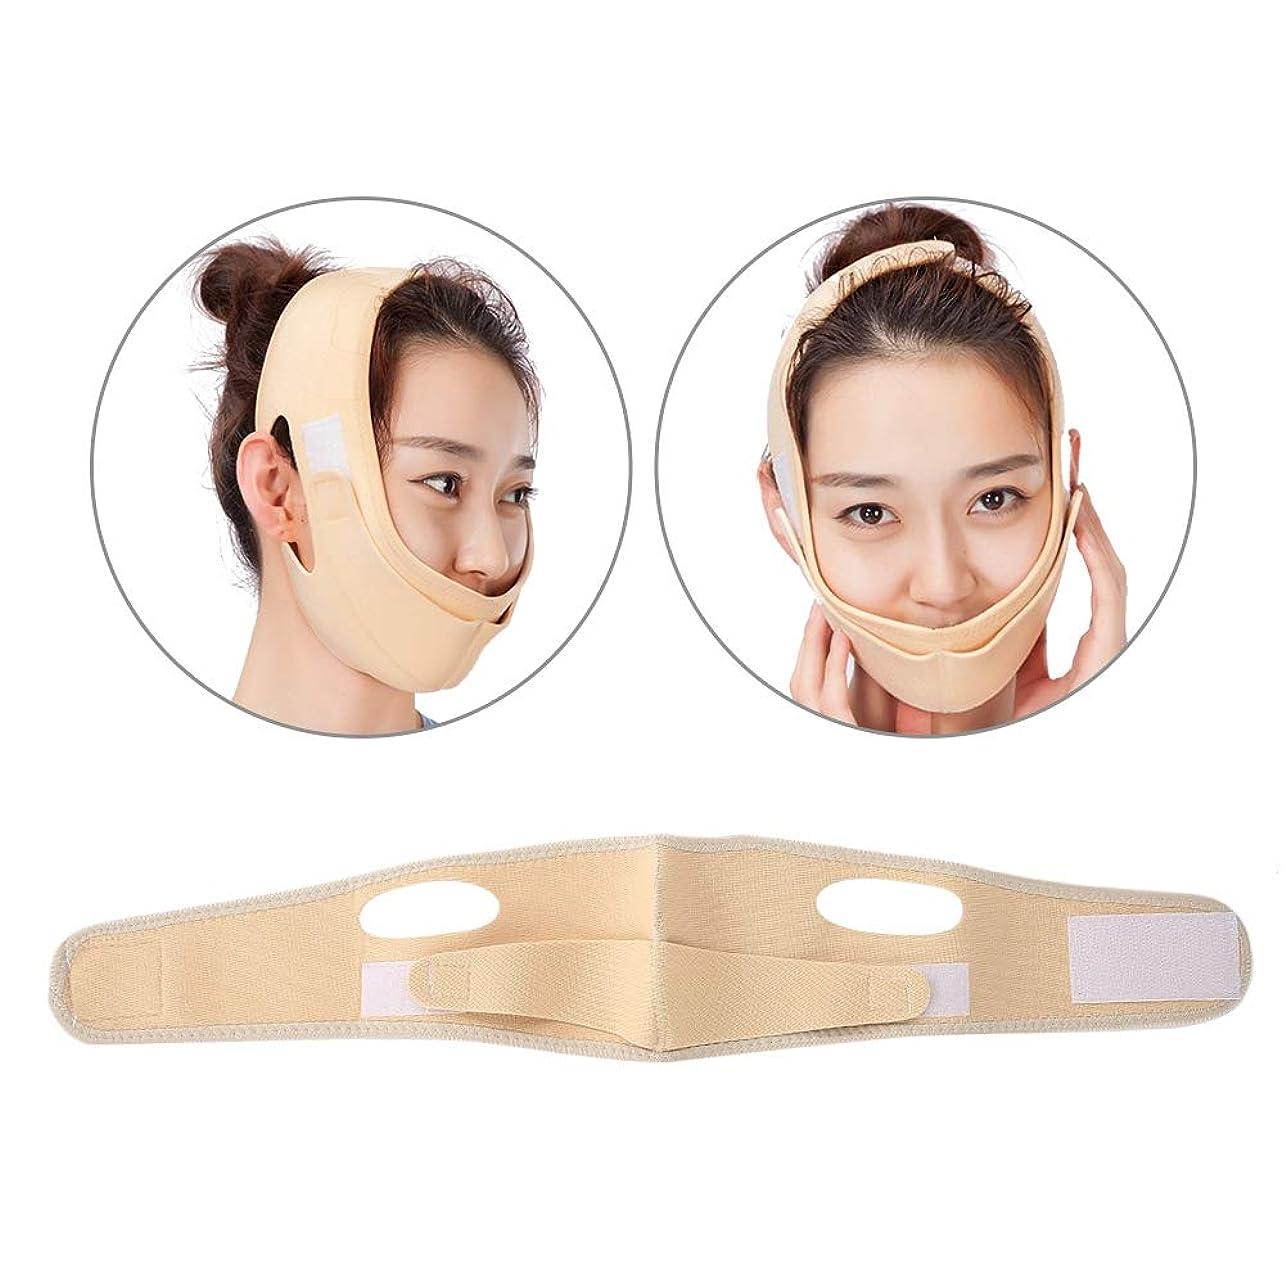 ごめんなさい方向視力フェイスリフト用 フェイスマスク 顔輪郭を改善する 美容包帯 通気性/伸縮性/変形不可(01)